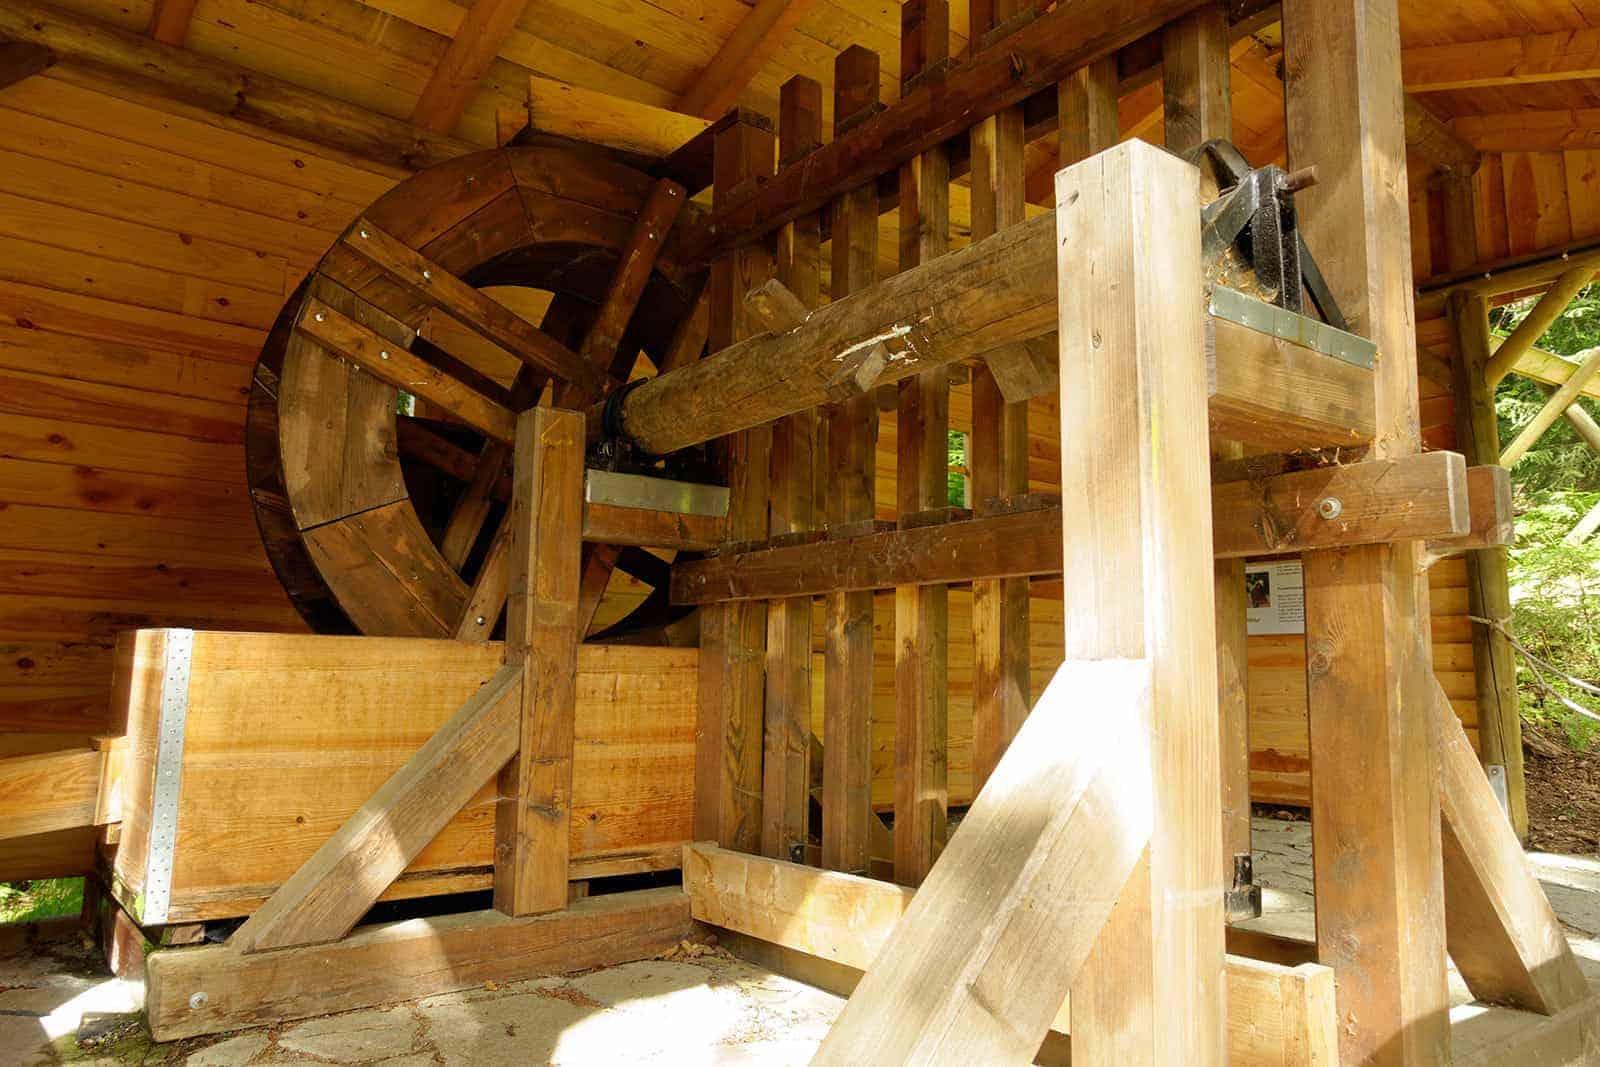 Wasserrad oberirdisch am Besucherbergwerk in Waschleithe